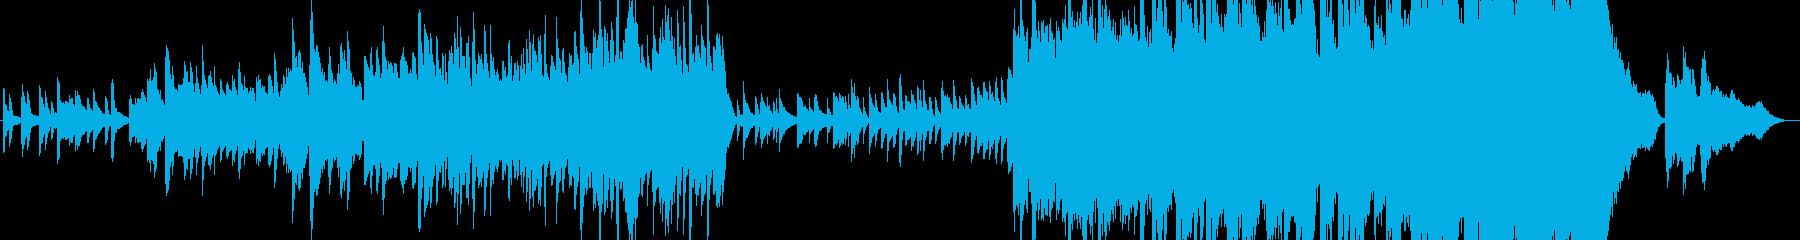 しみじみとした優しいエンディングの曲の再生済みの波形